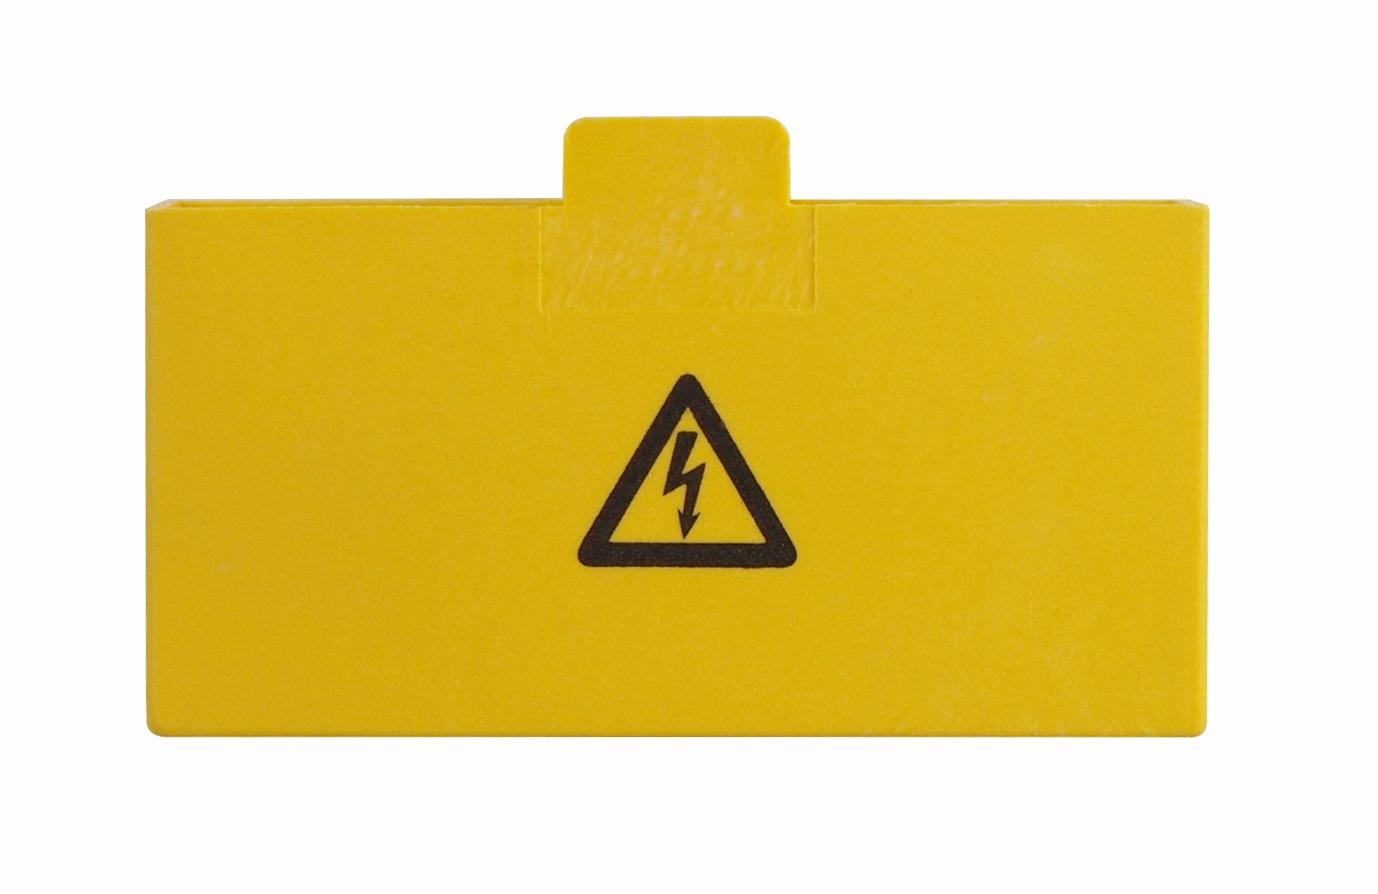 1 Stk Abdeckkappe für Anschlussfahnen 2 BEZ00219--